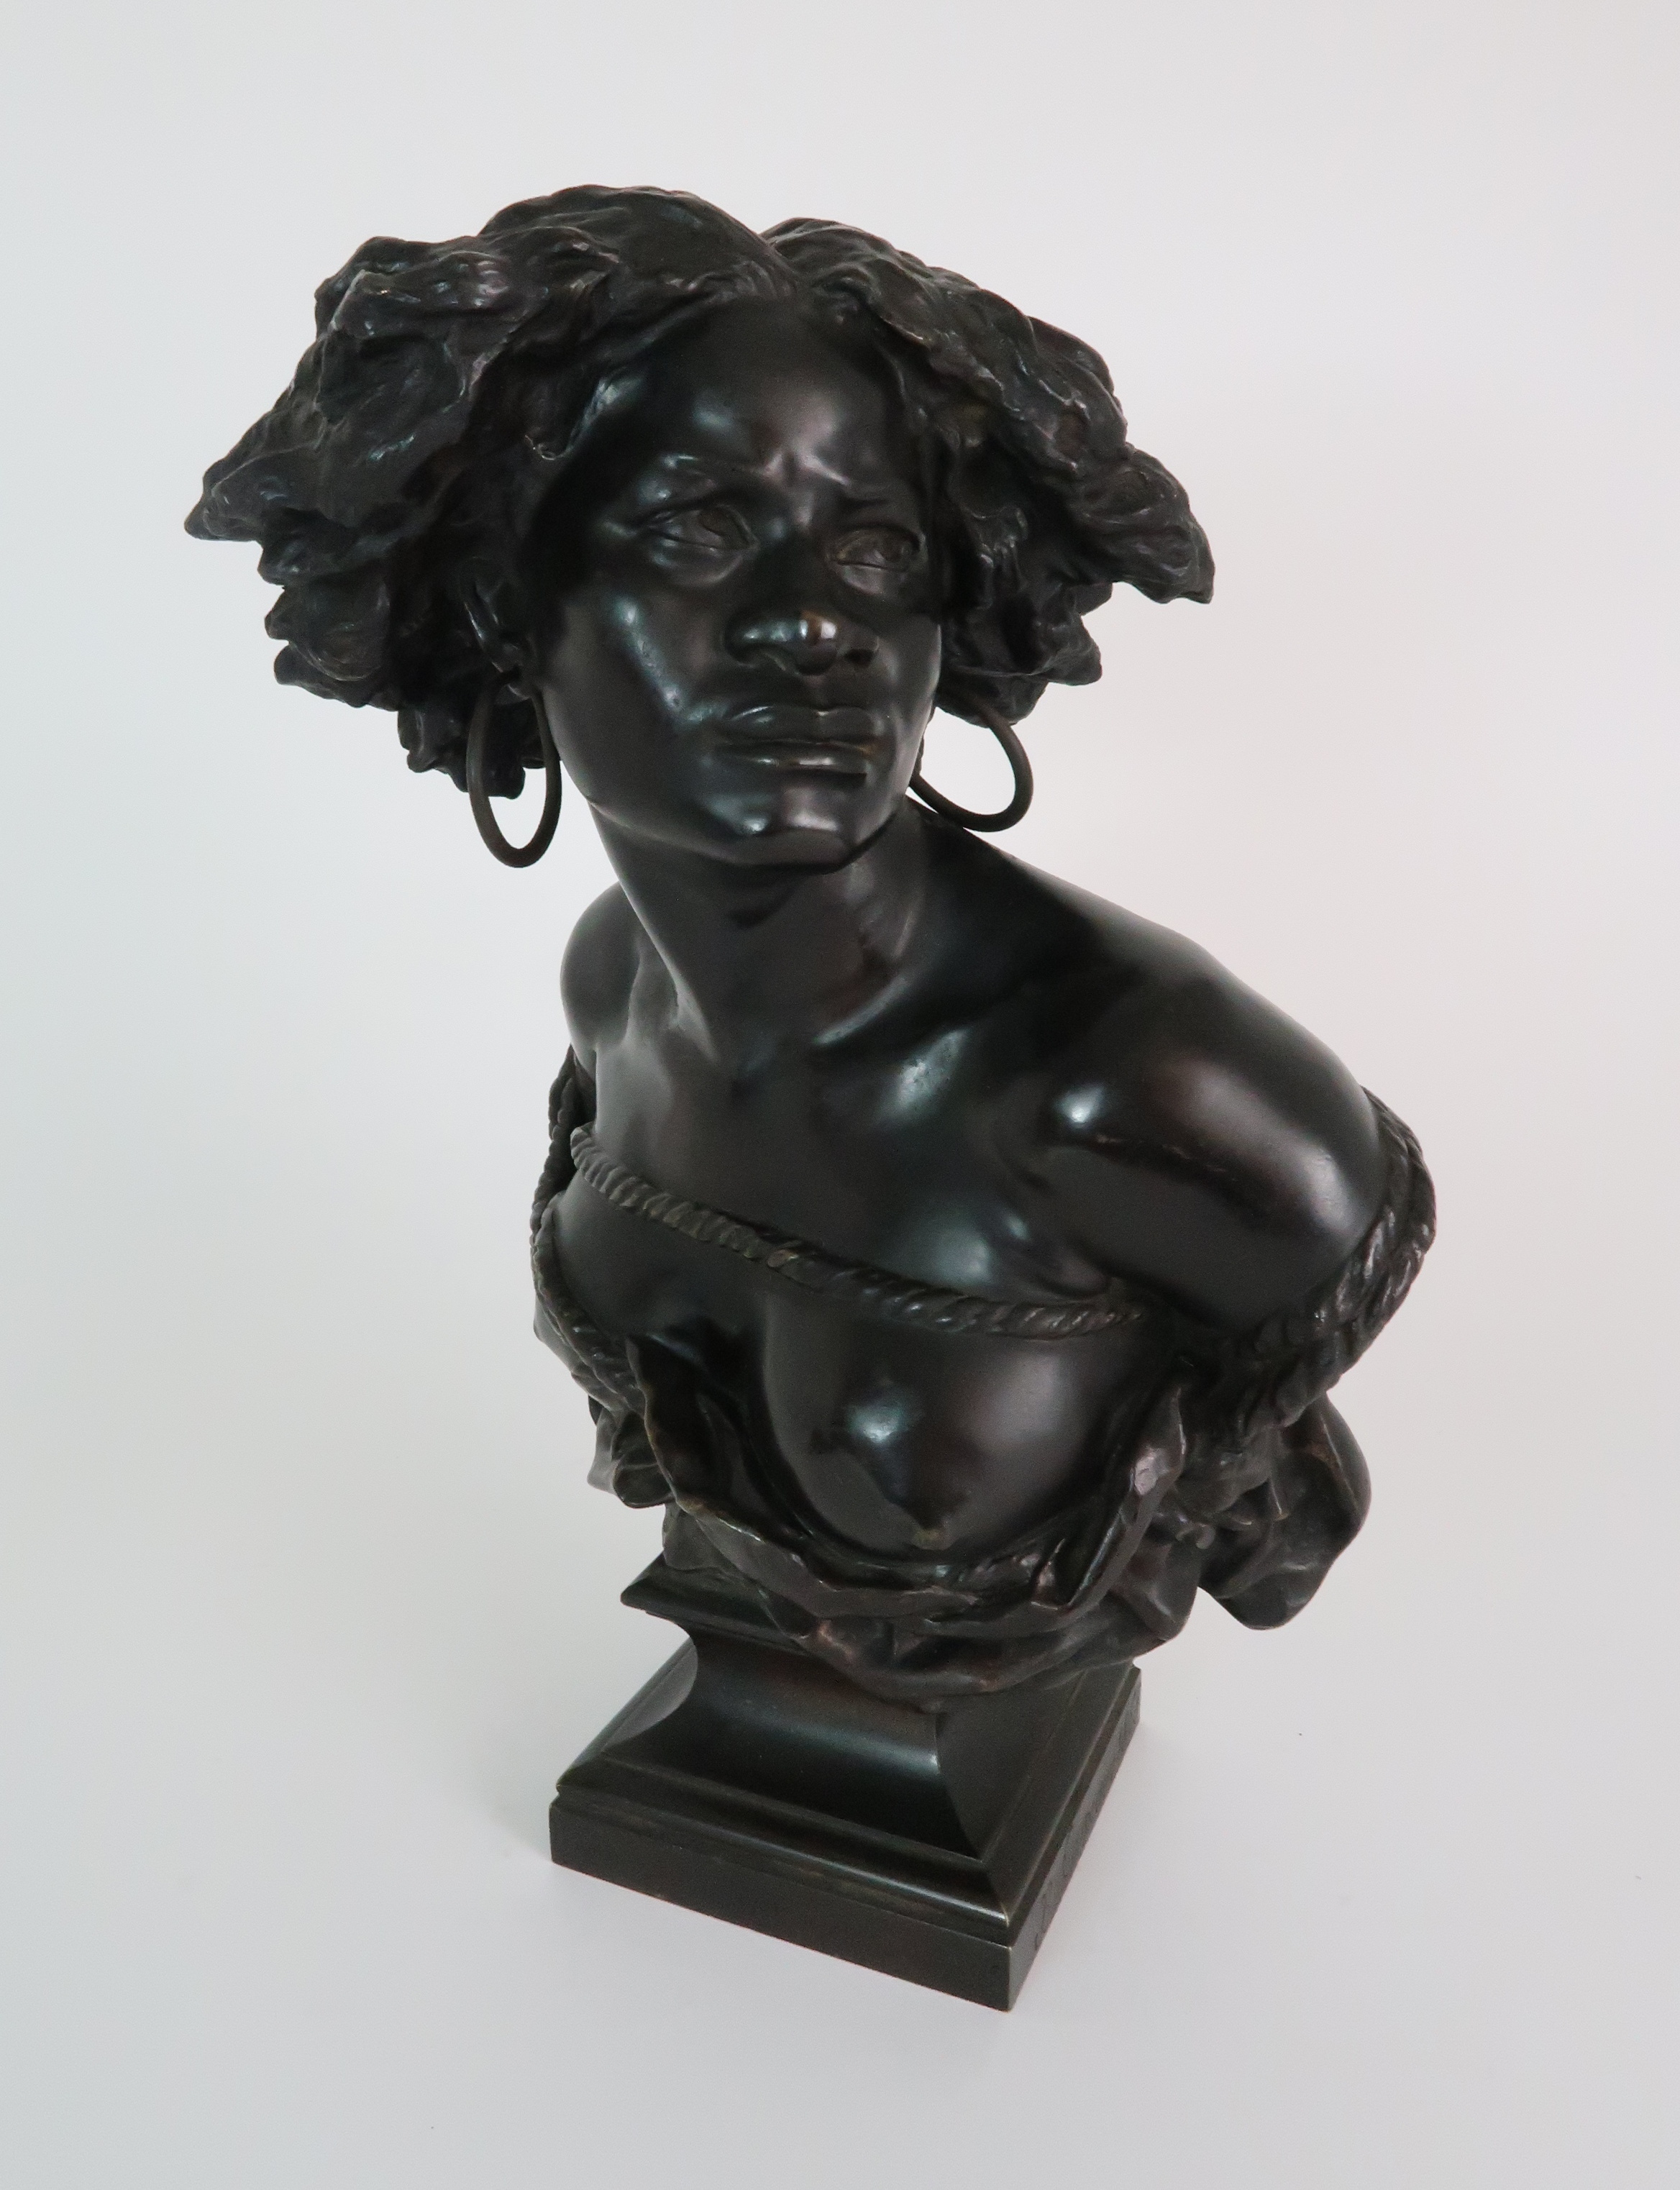 AFTER JEAN-BAPTISTE CARPEAUX (FRENCH 1827-1875) - POUR QUOINAITRE ESCLAVE a bronze bust of a - Image 7 of 7